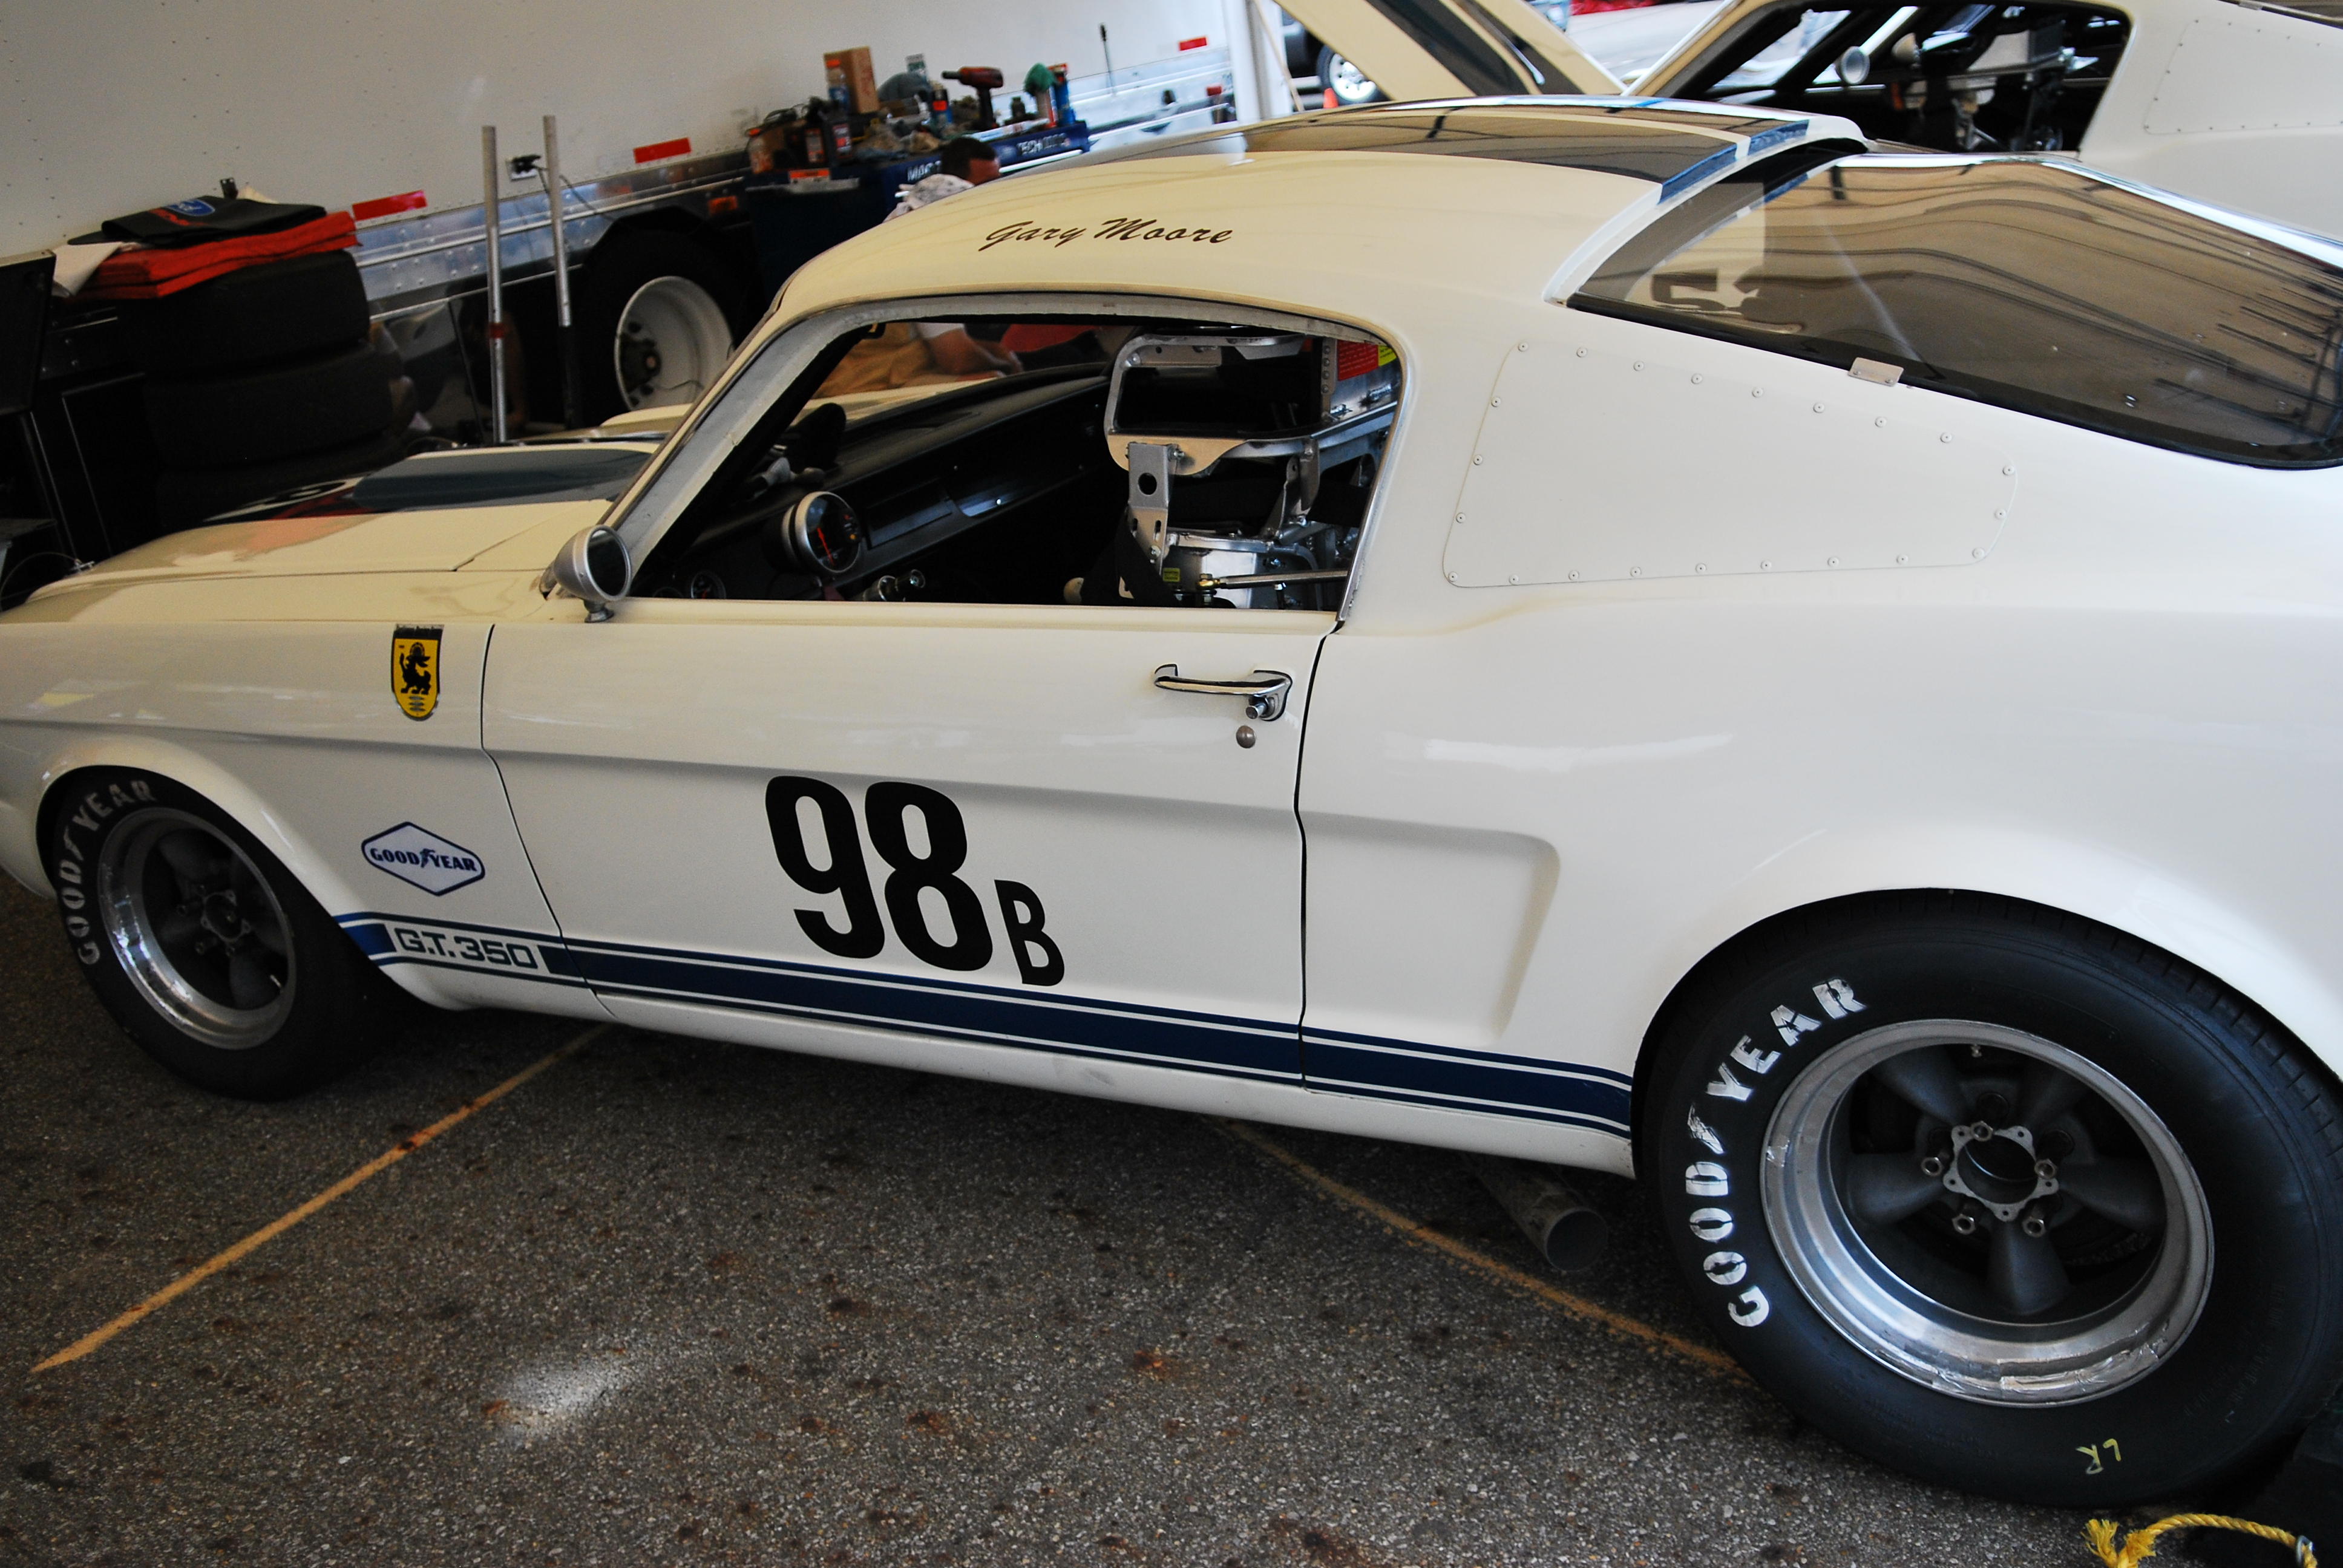 This wallpaper of racing car